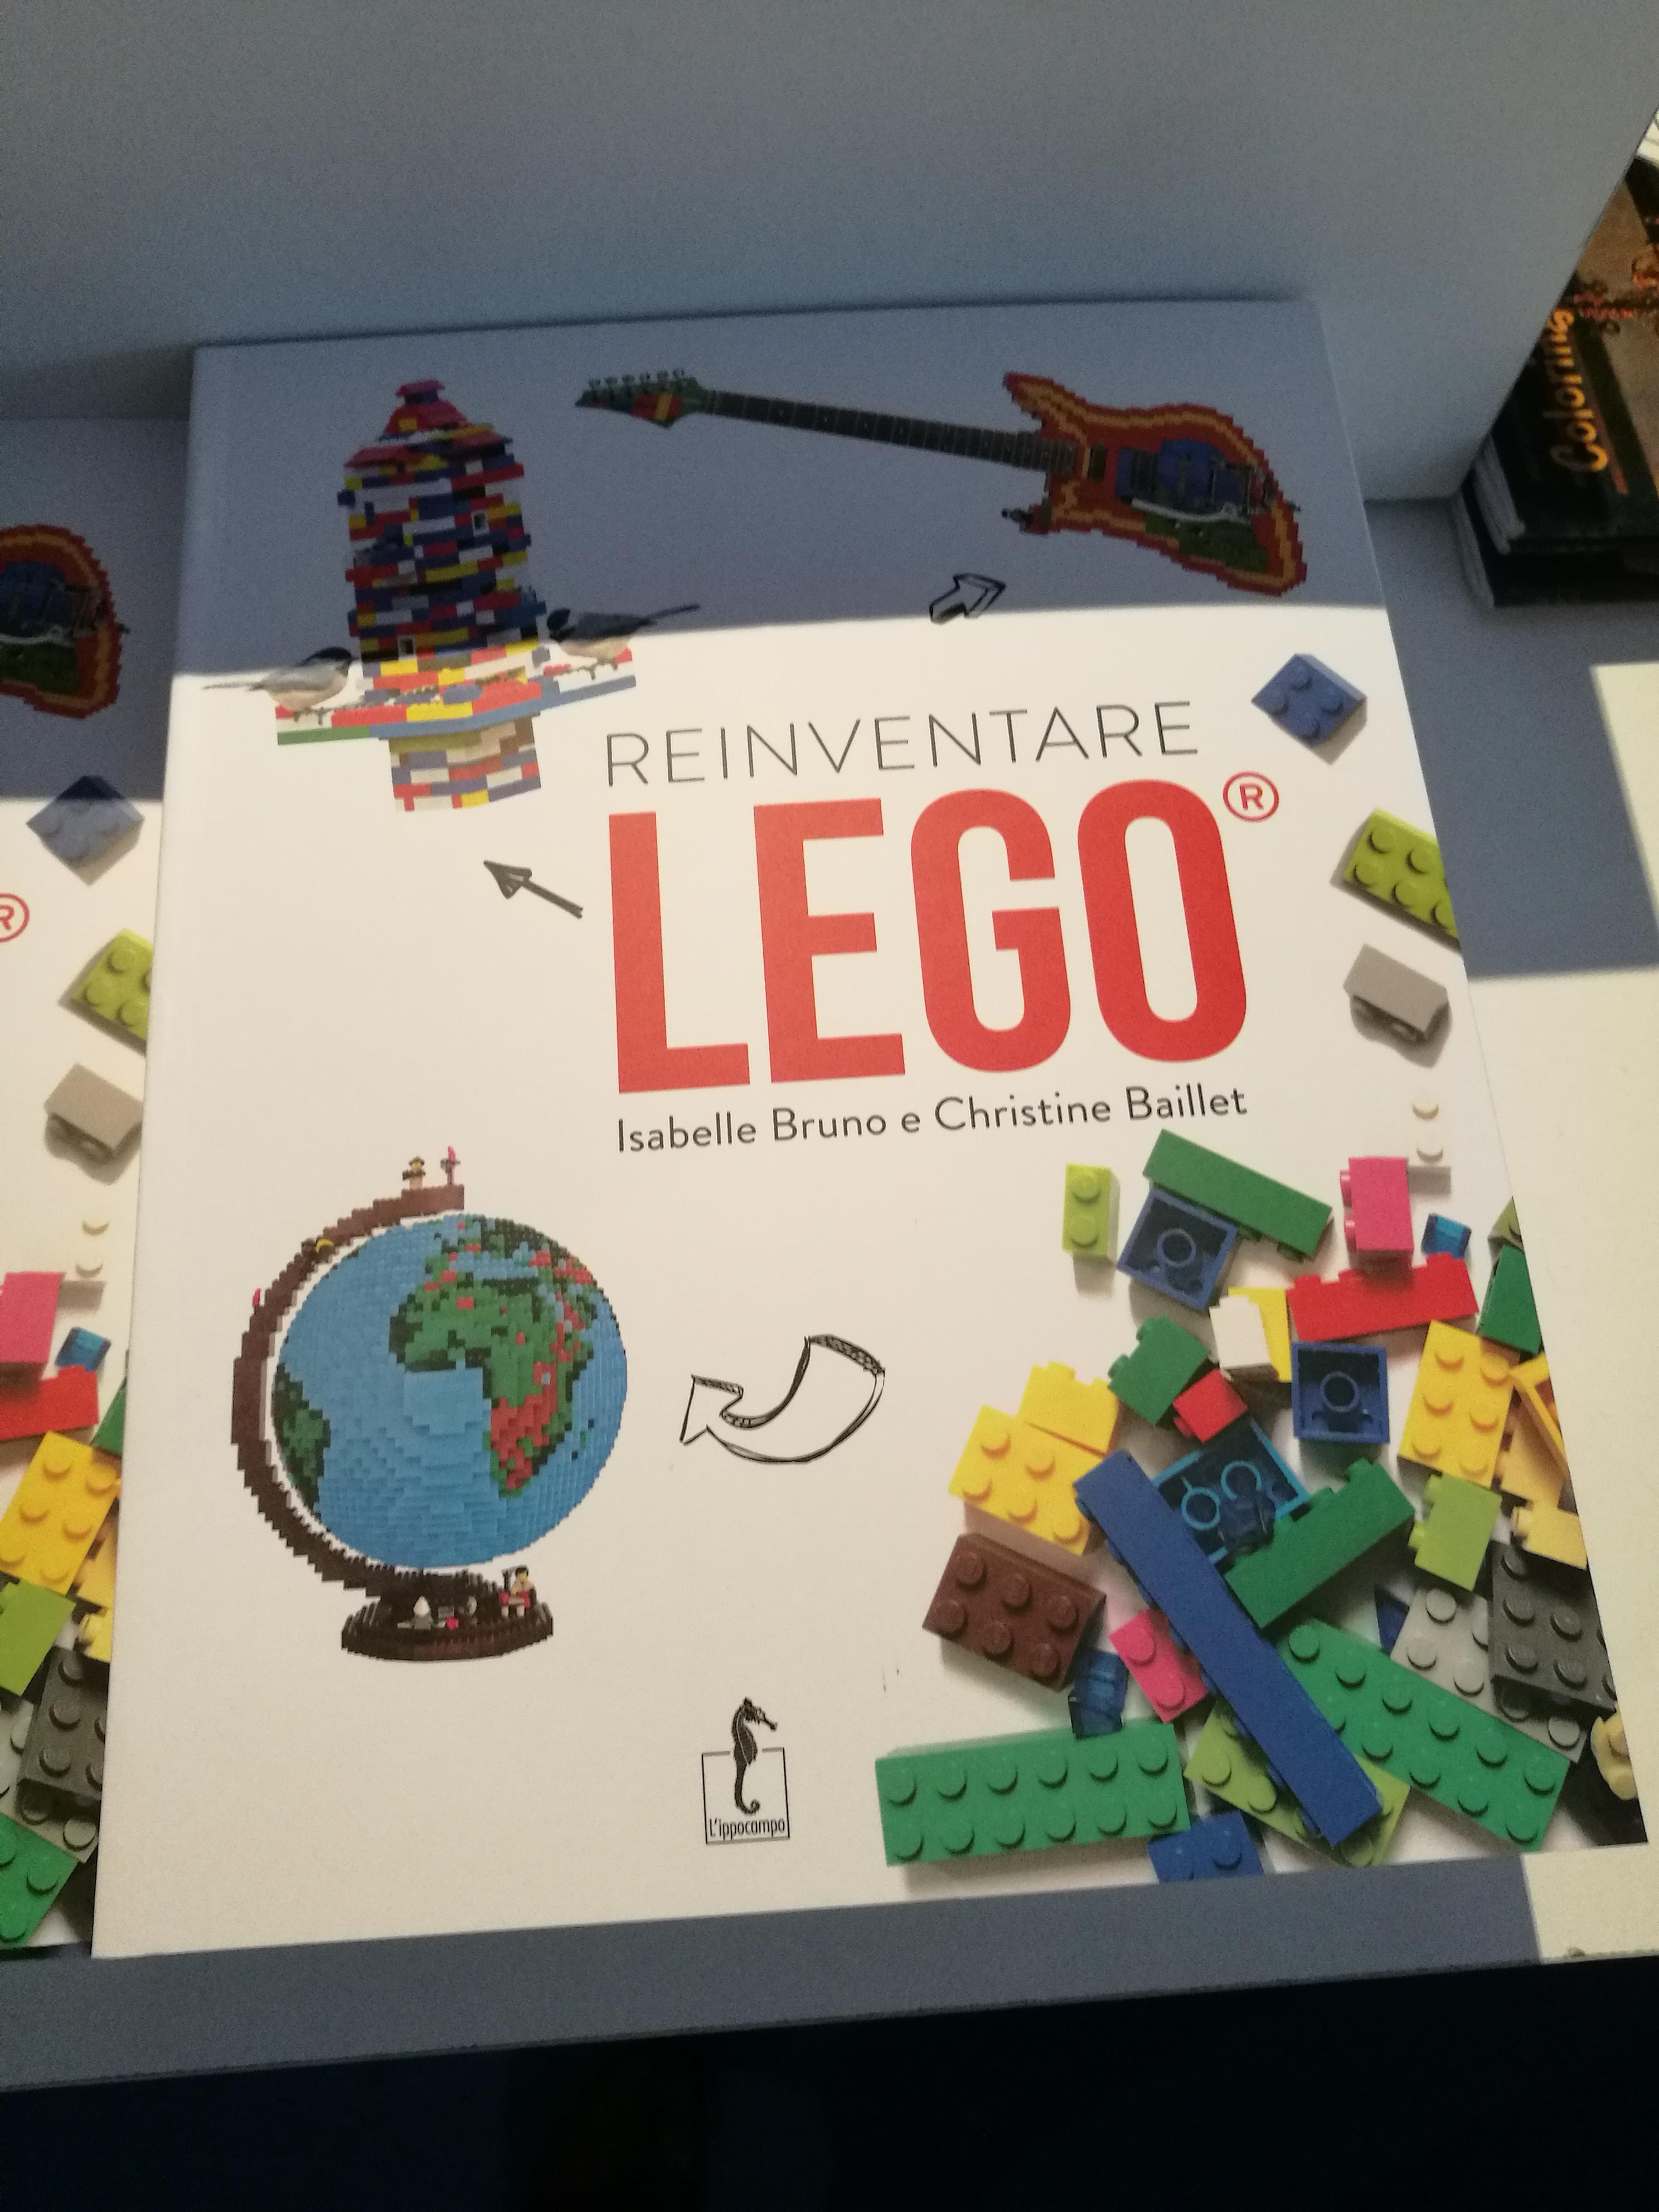 Utilizzare i Lego per creare oggetti